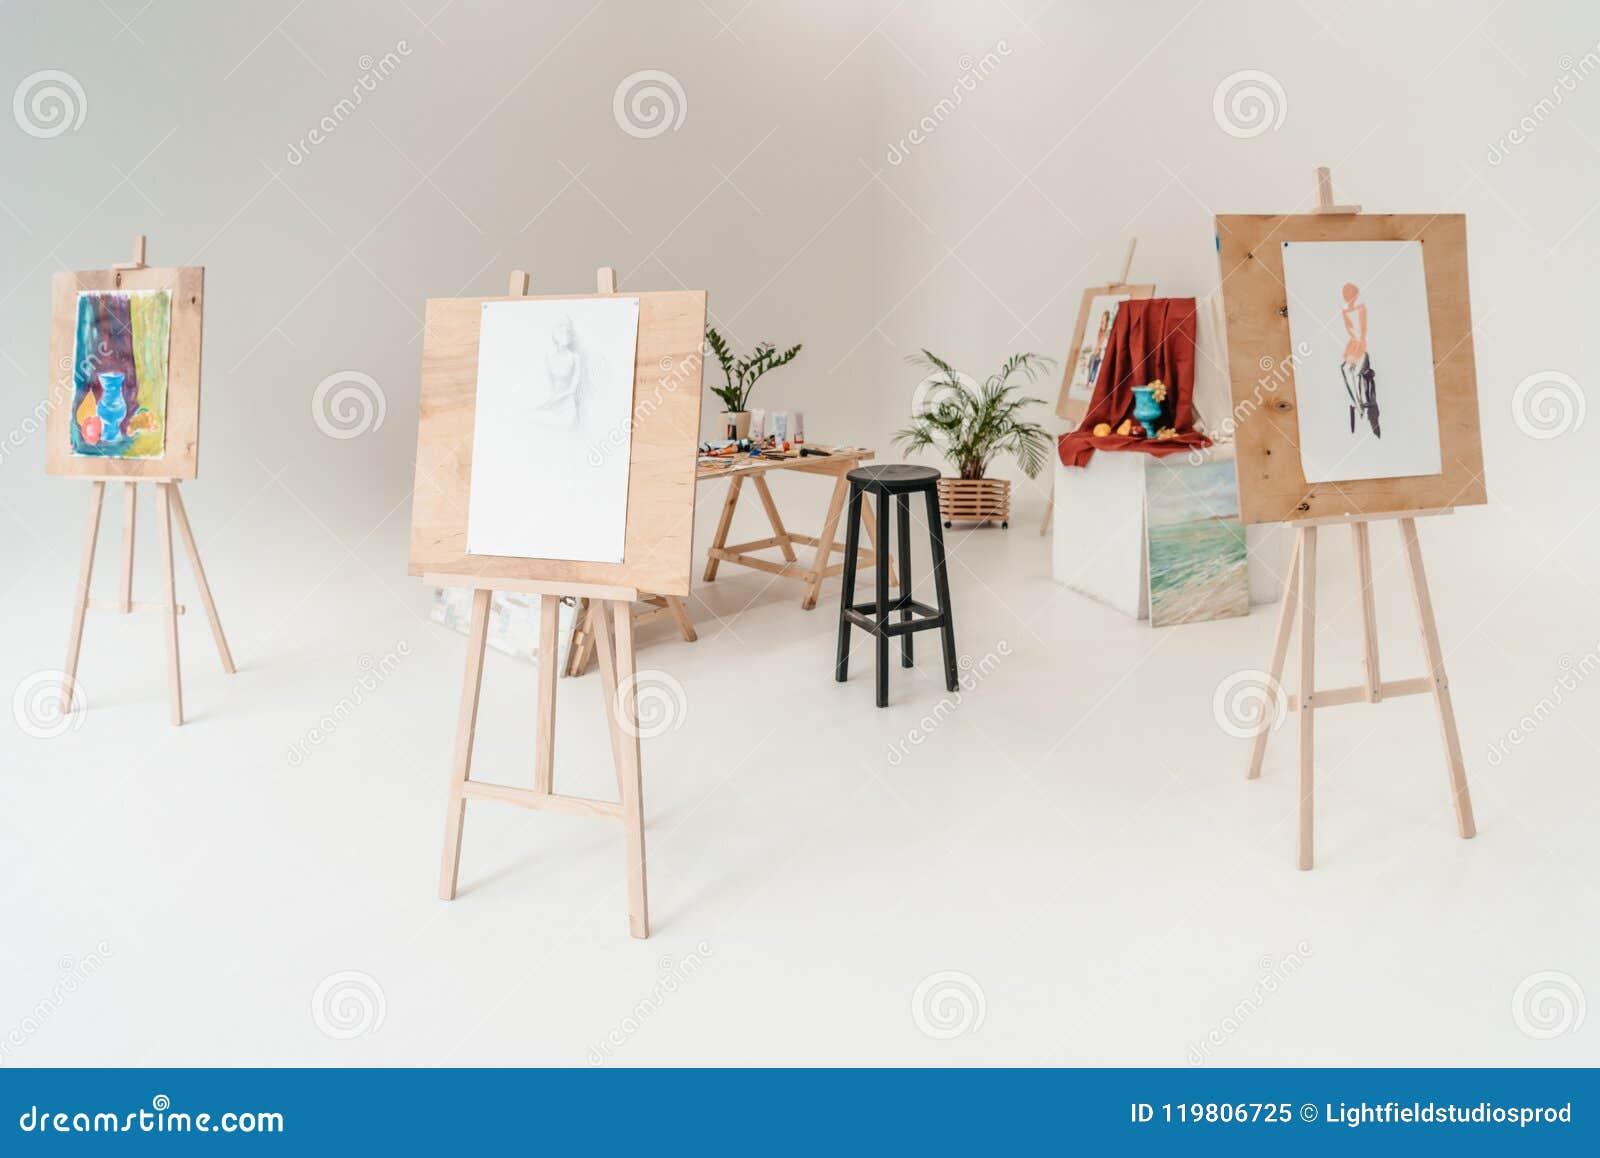 Caballetes con las pinturas en vacío